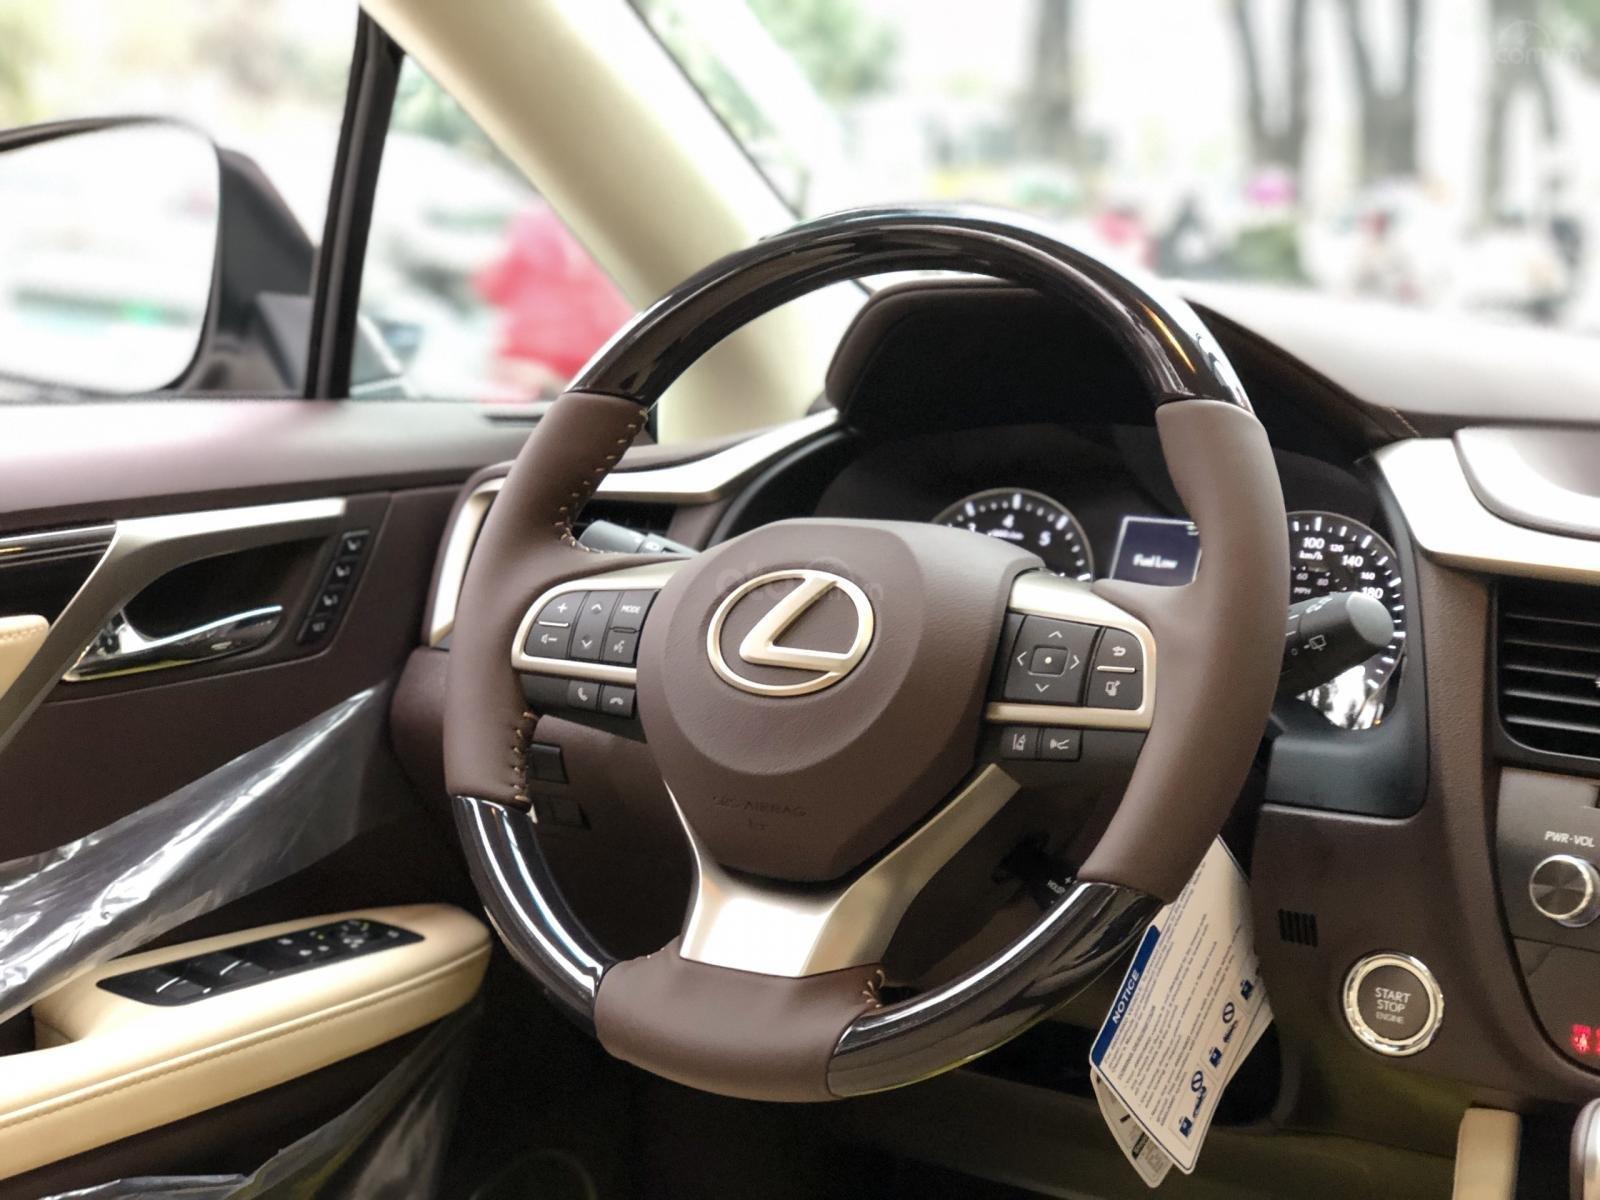 Bán ô tô Lexus RX 350 model 2019, màu vàng, nhập khẩu Mỹ- LH Ms Hương 0945.39.2468 (11)